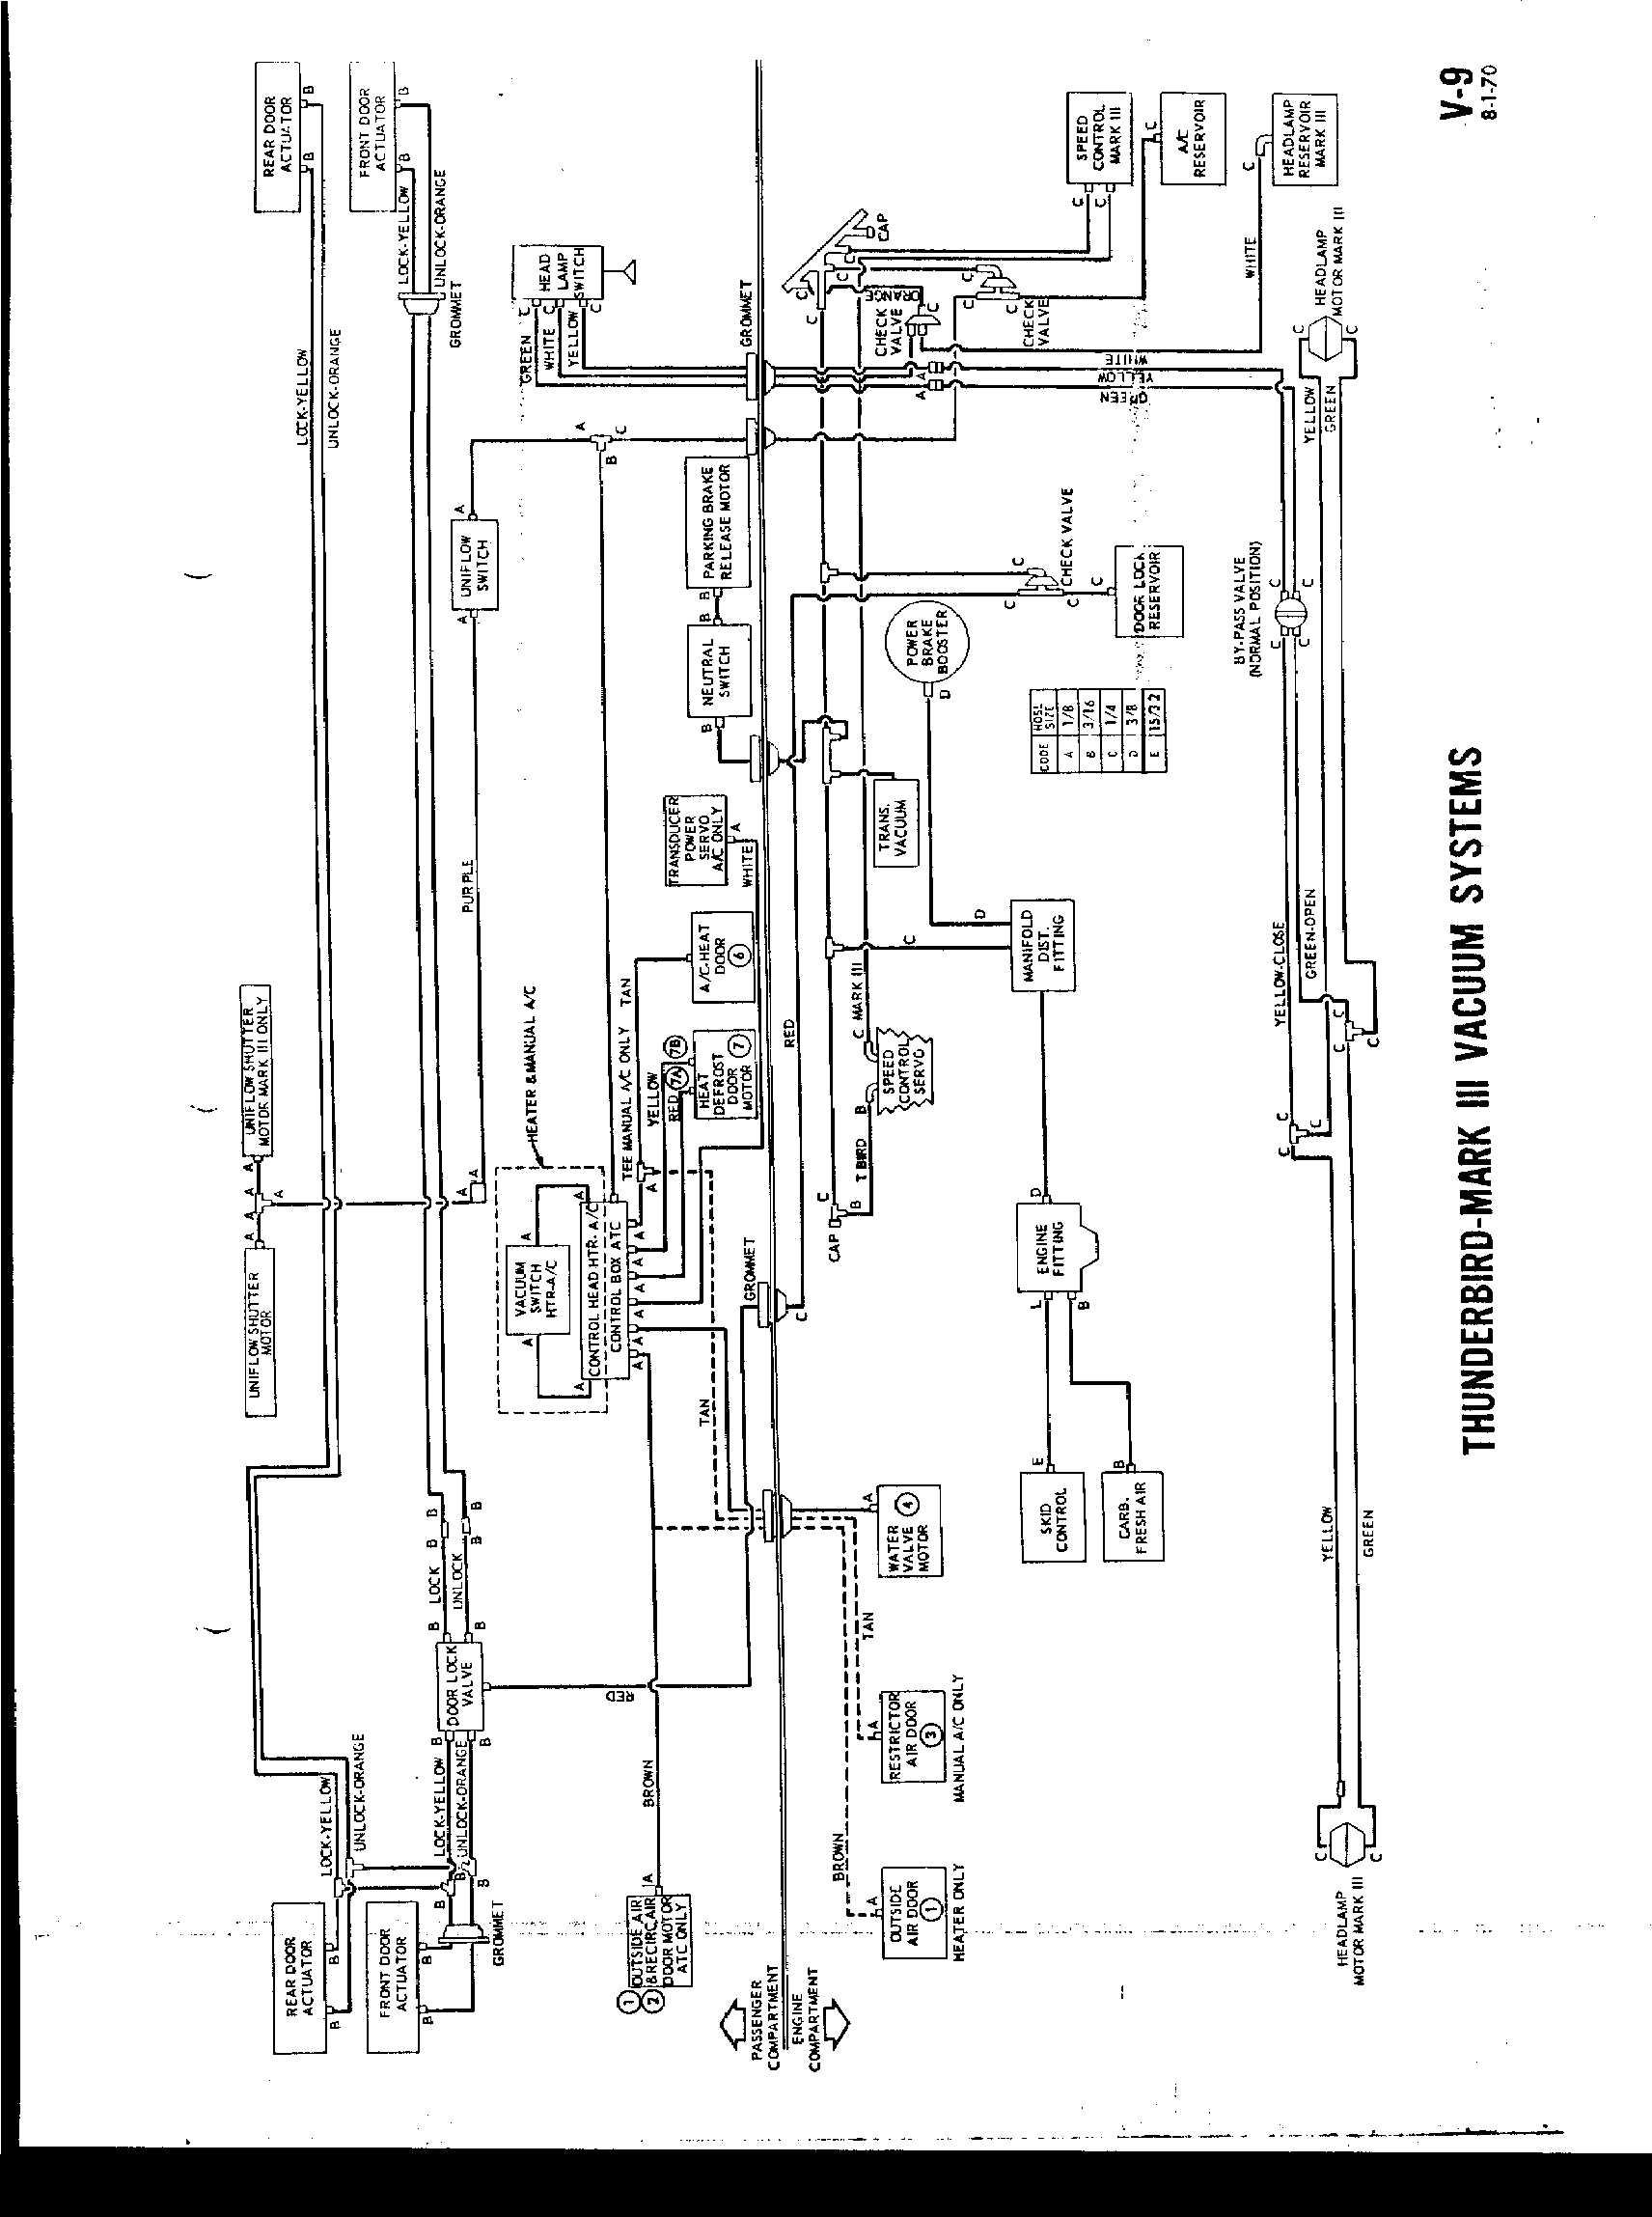 1966 chevelle malibu fuse box diagrams